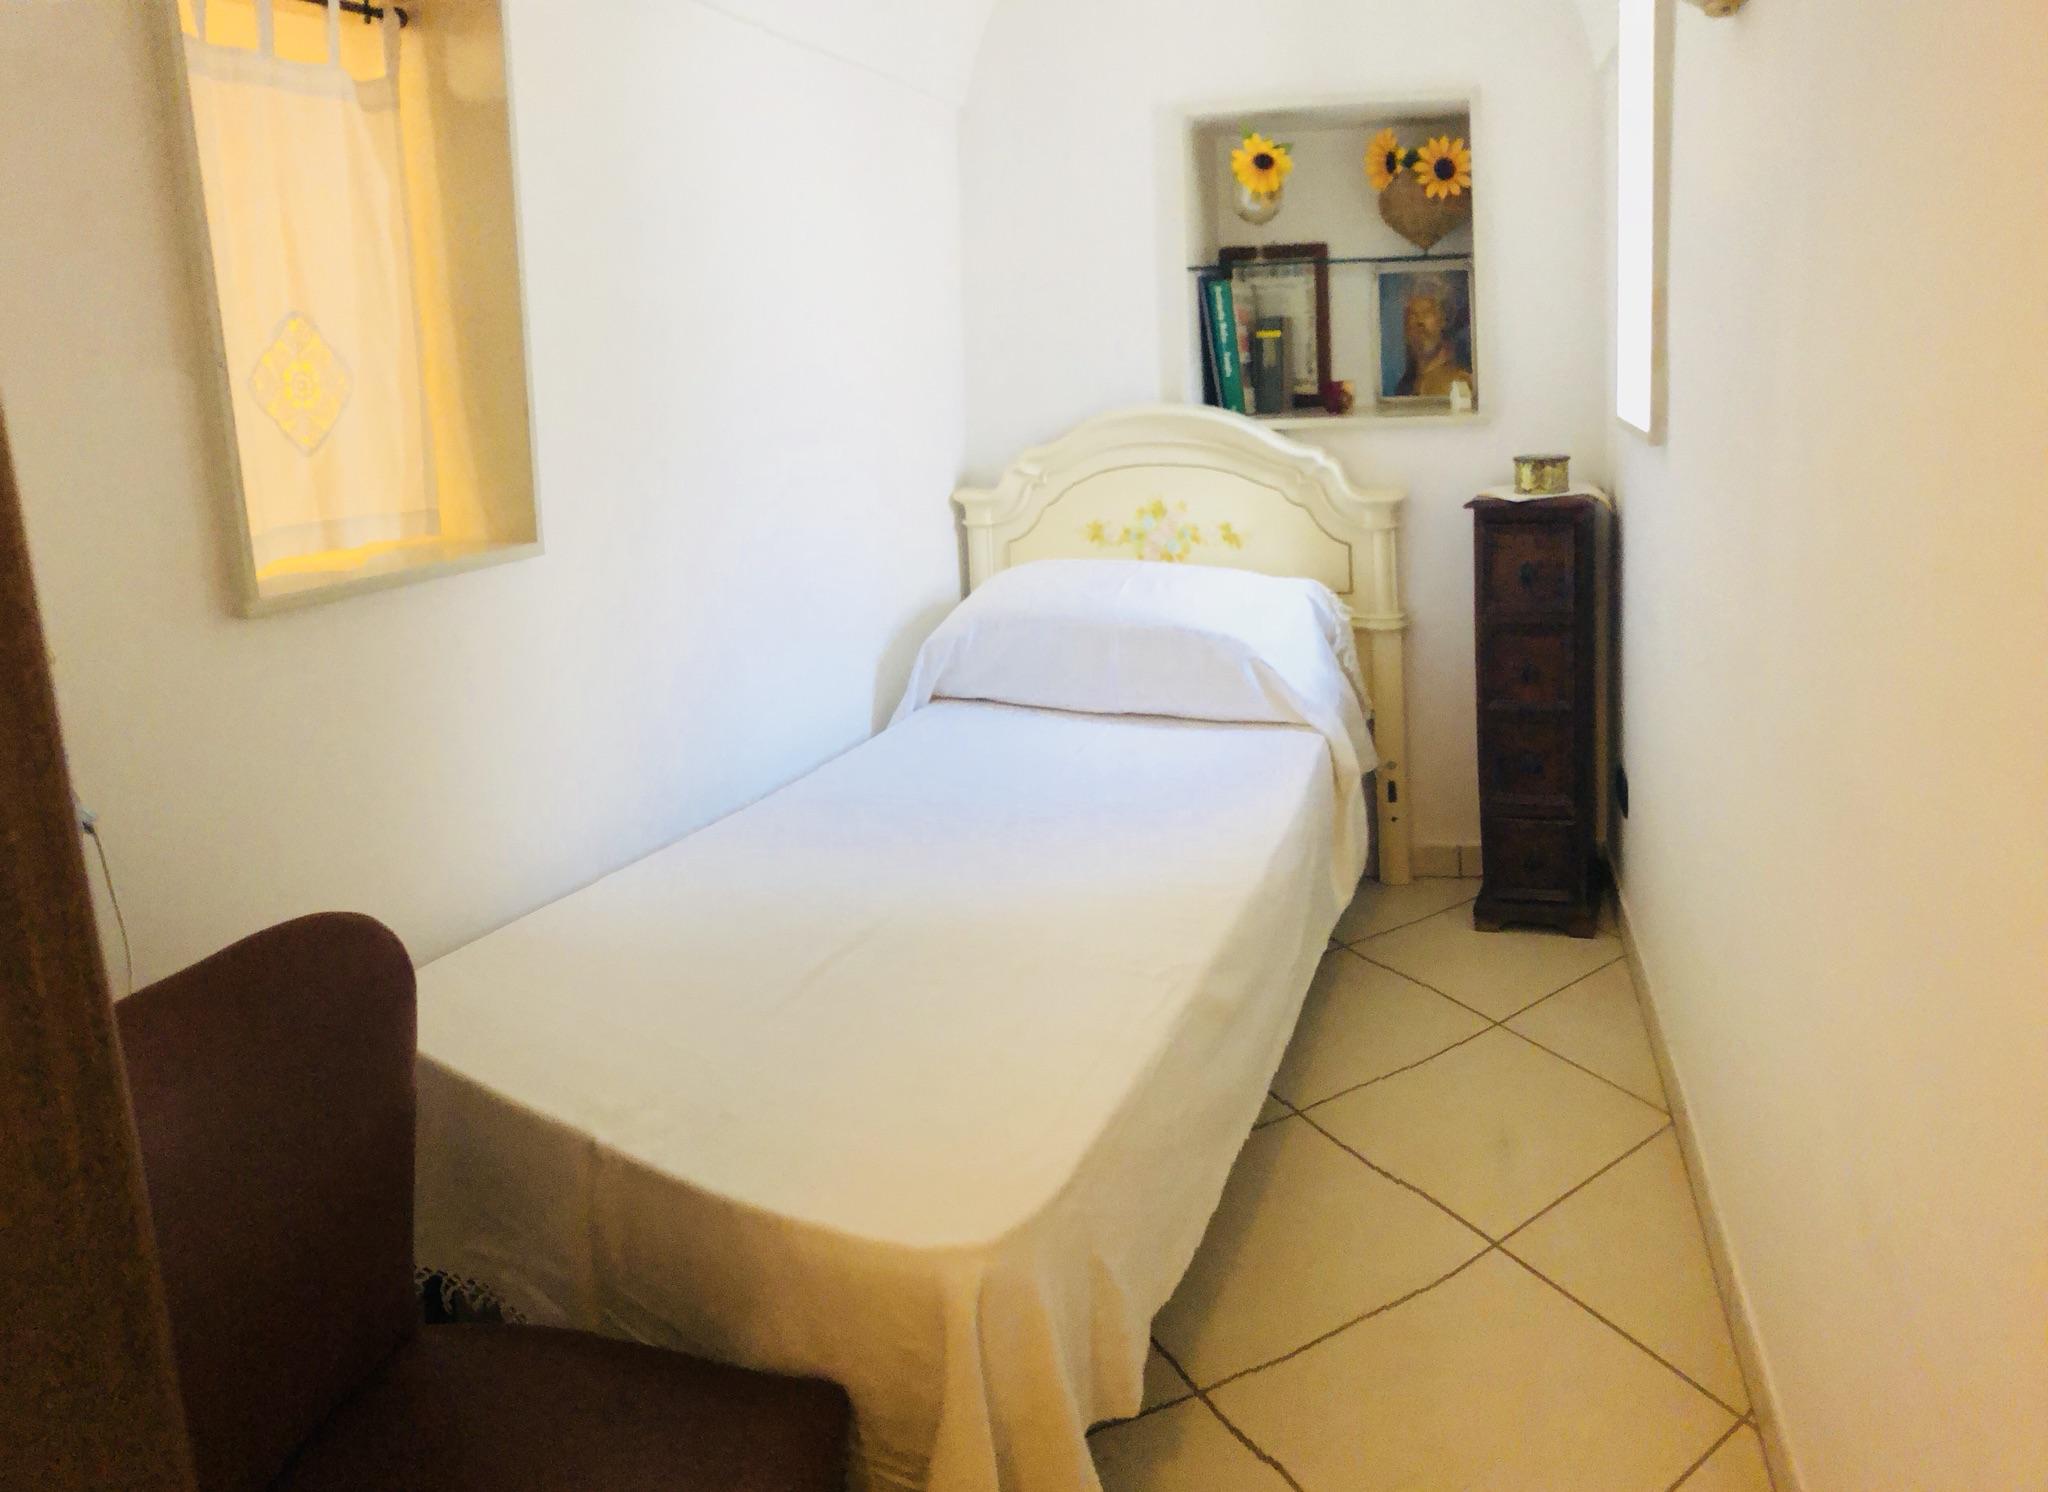 Camera Matrimoniale A Grottaglie.Casa Indipendente Nel Cuore Del Centro Storico Houses For Rent